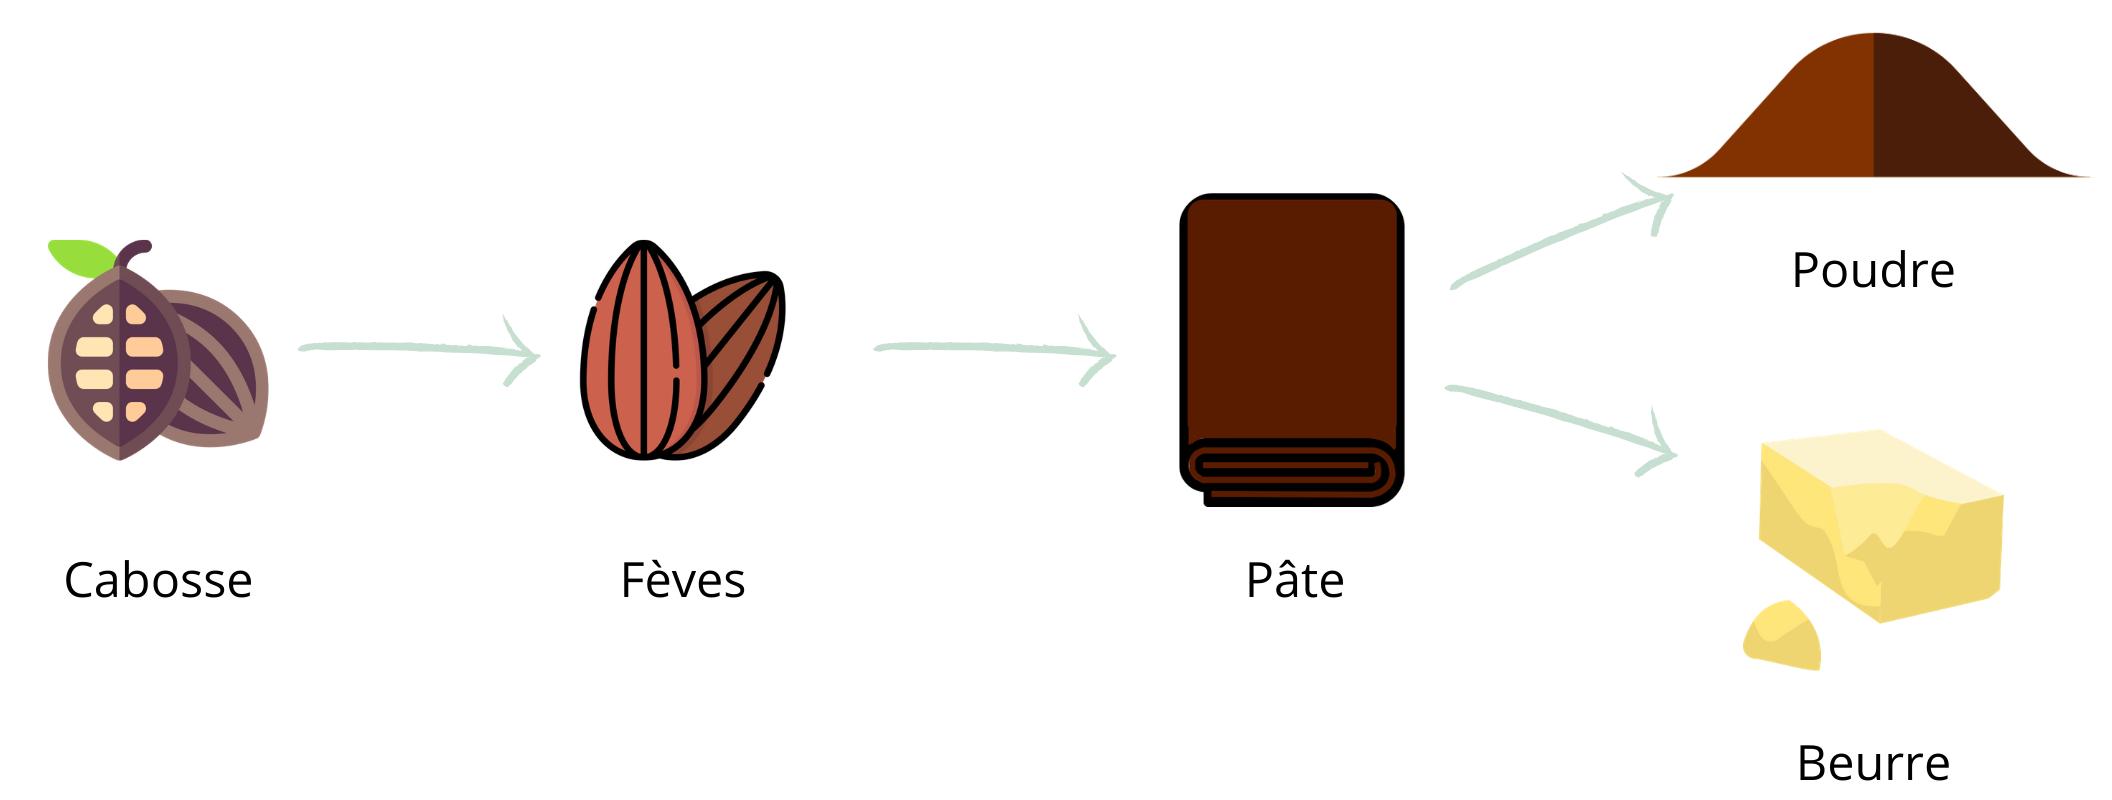 Schémas de la composition du chocolat